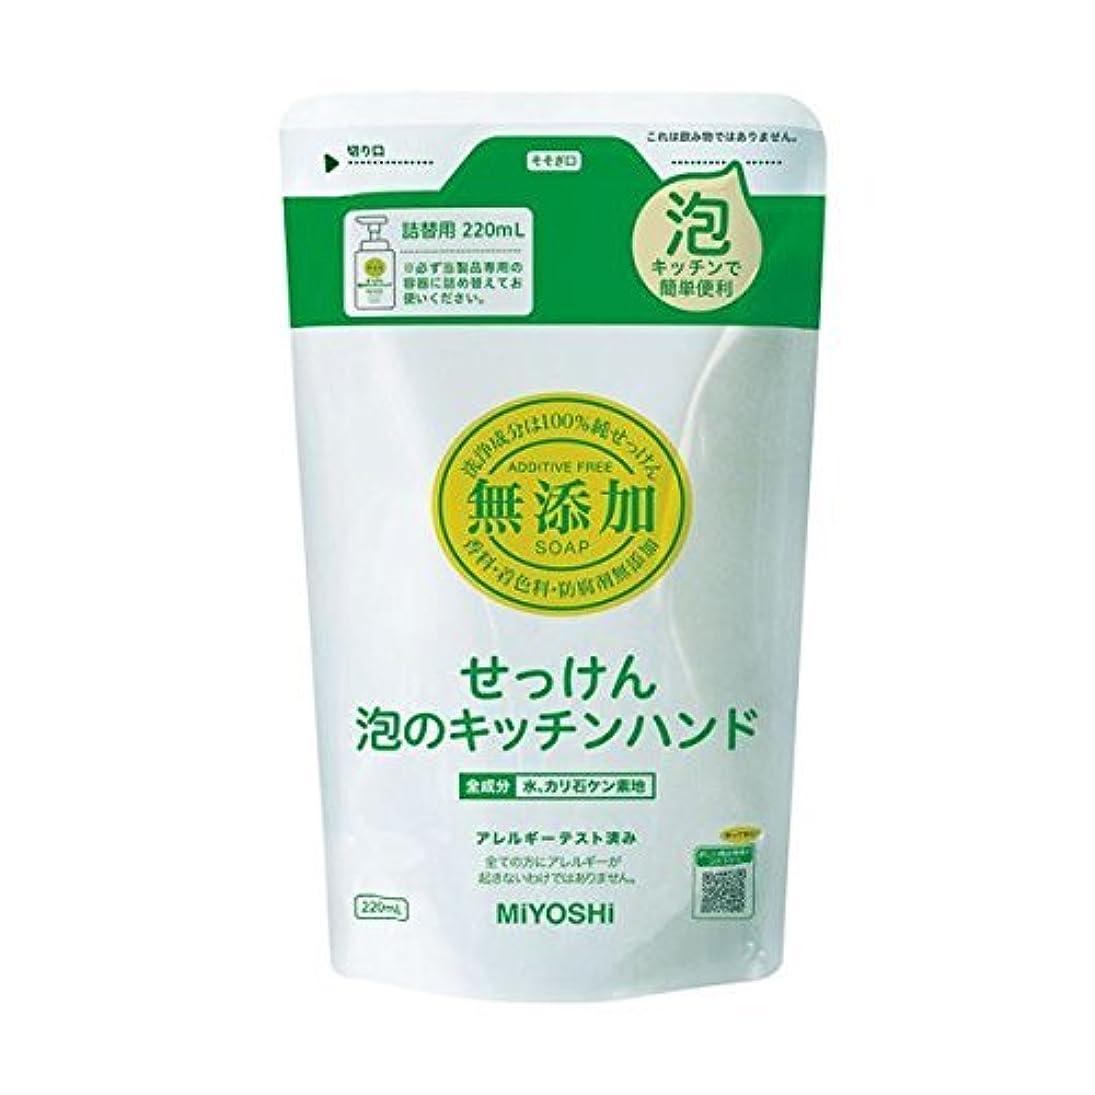 スペース表示無能(お徳用15セット)ミヨシ 無添加 キッチンハンドソープ つめかえ用 220ml(無添加石鹸)×15セット